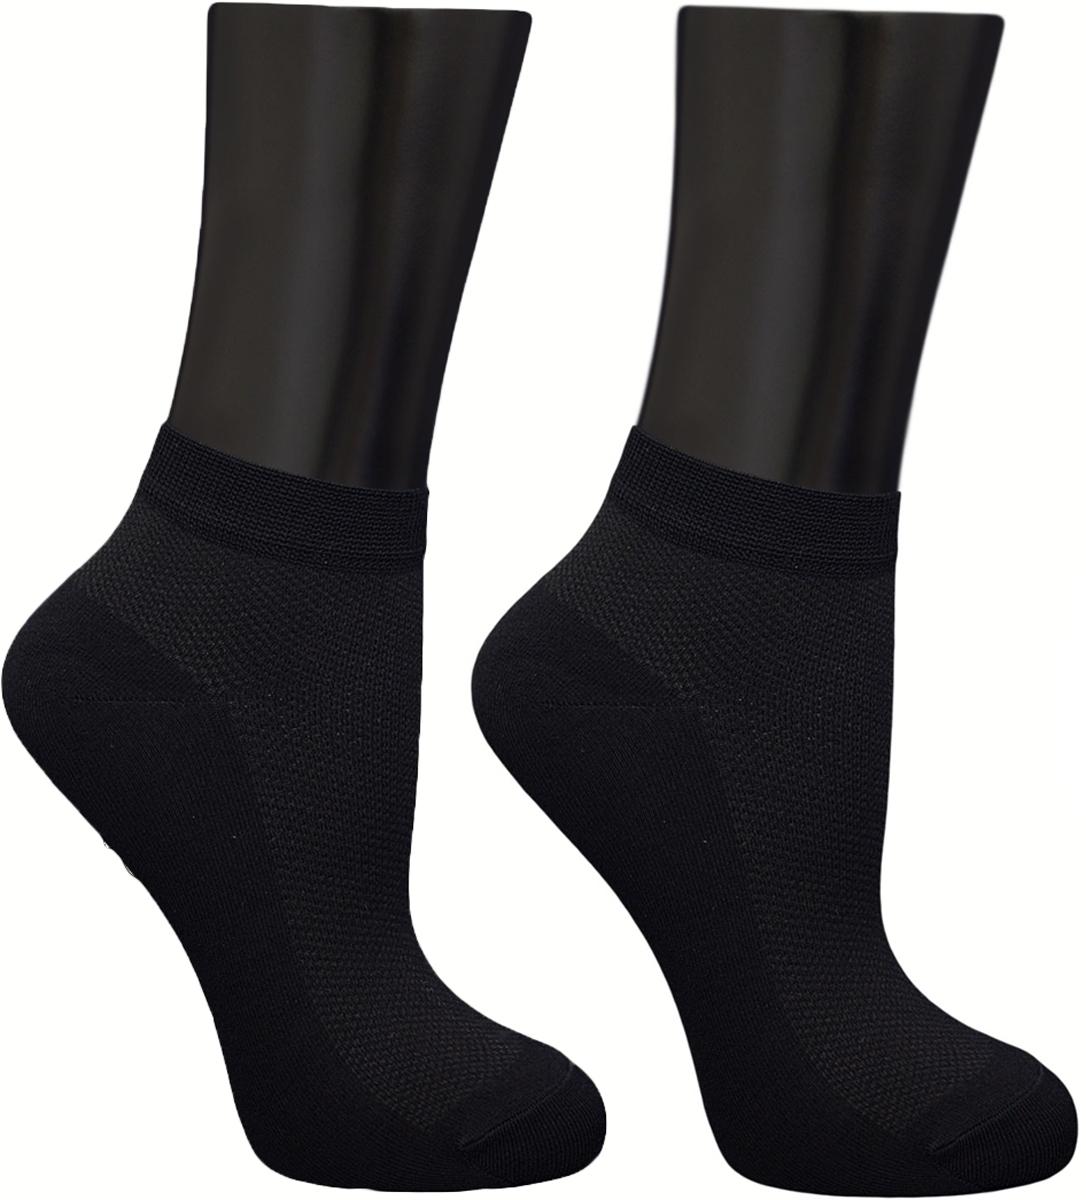 Носки женские Гранд, цвет: черный, 2 пары. SBL123. Размер 23/25SBL123Элитные женские носки из бамбука: - имеют легкий шелковый блеск; - текстурный рисунок мелкая сетка по верхней части носка; - основа натурального материала – высококачественный бамбук; - обладают антибактериальными свойствами; - хорошо впитывают влагу; - имеют низкую высоту паголенка; - не садятся и не деформируются; - не линяют после стирок. Используя европейские стандарты на современных вязальных автоматах, компания «Гранд» предоставляет покупателю высокое качество изготавливаемой продукции.